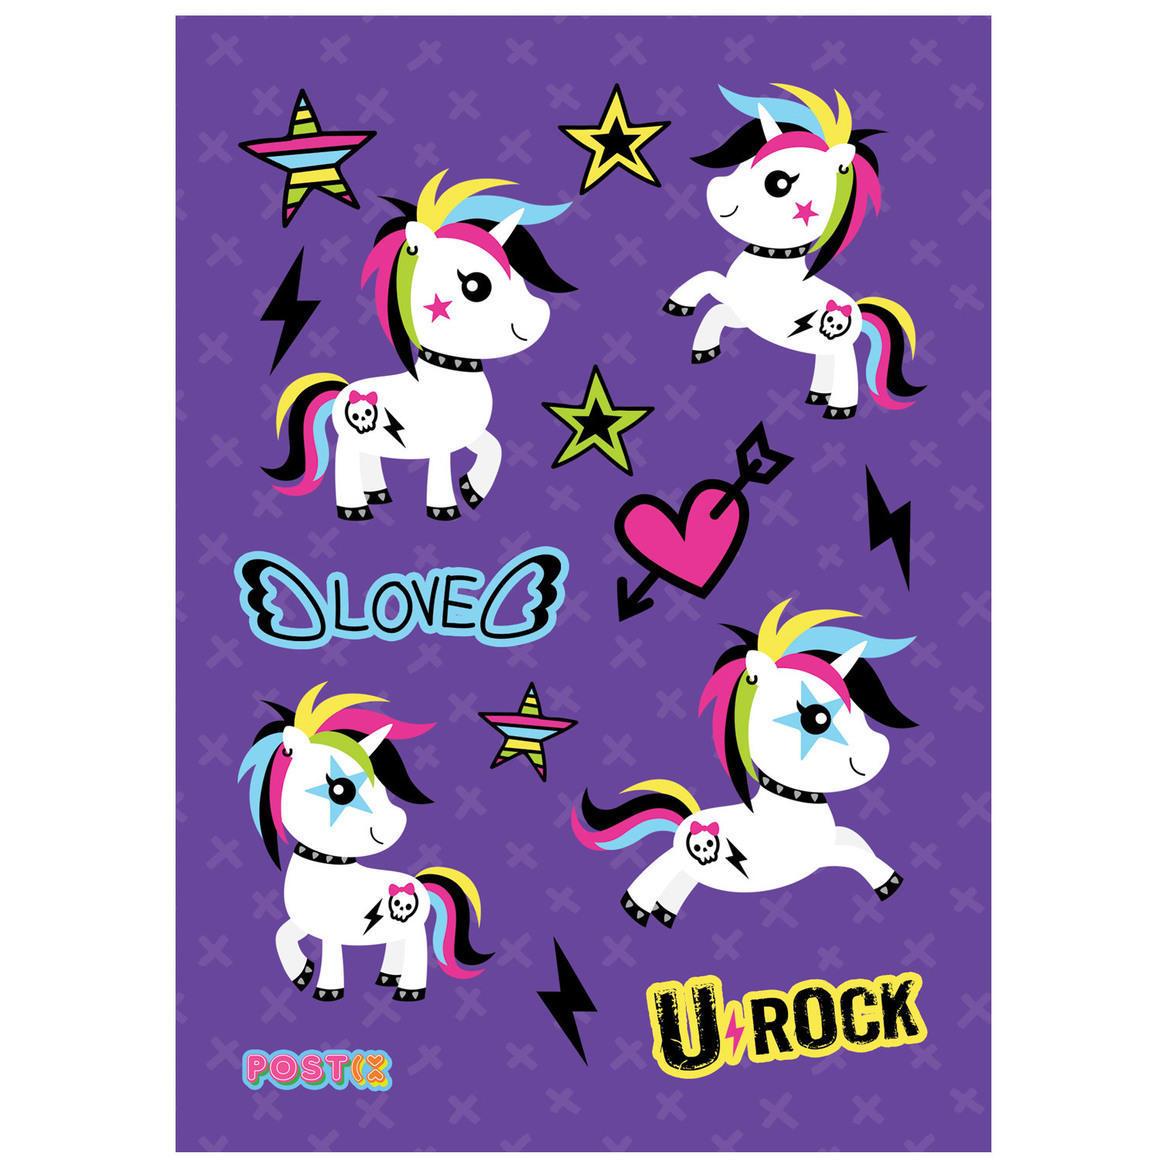 U-ROCK UNICORN A6 GLOSSY STICKER SHEET   Trada Marketplace